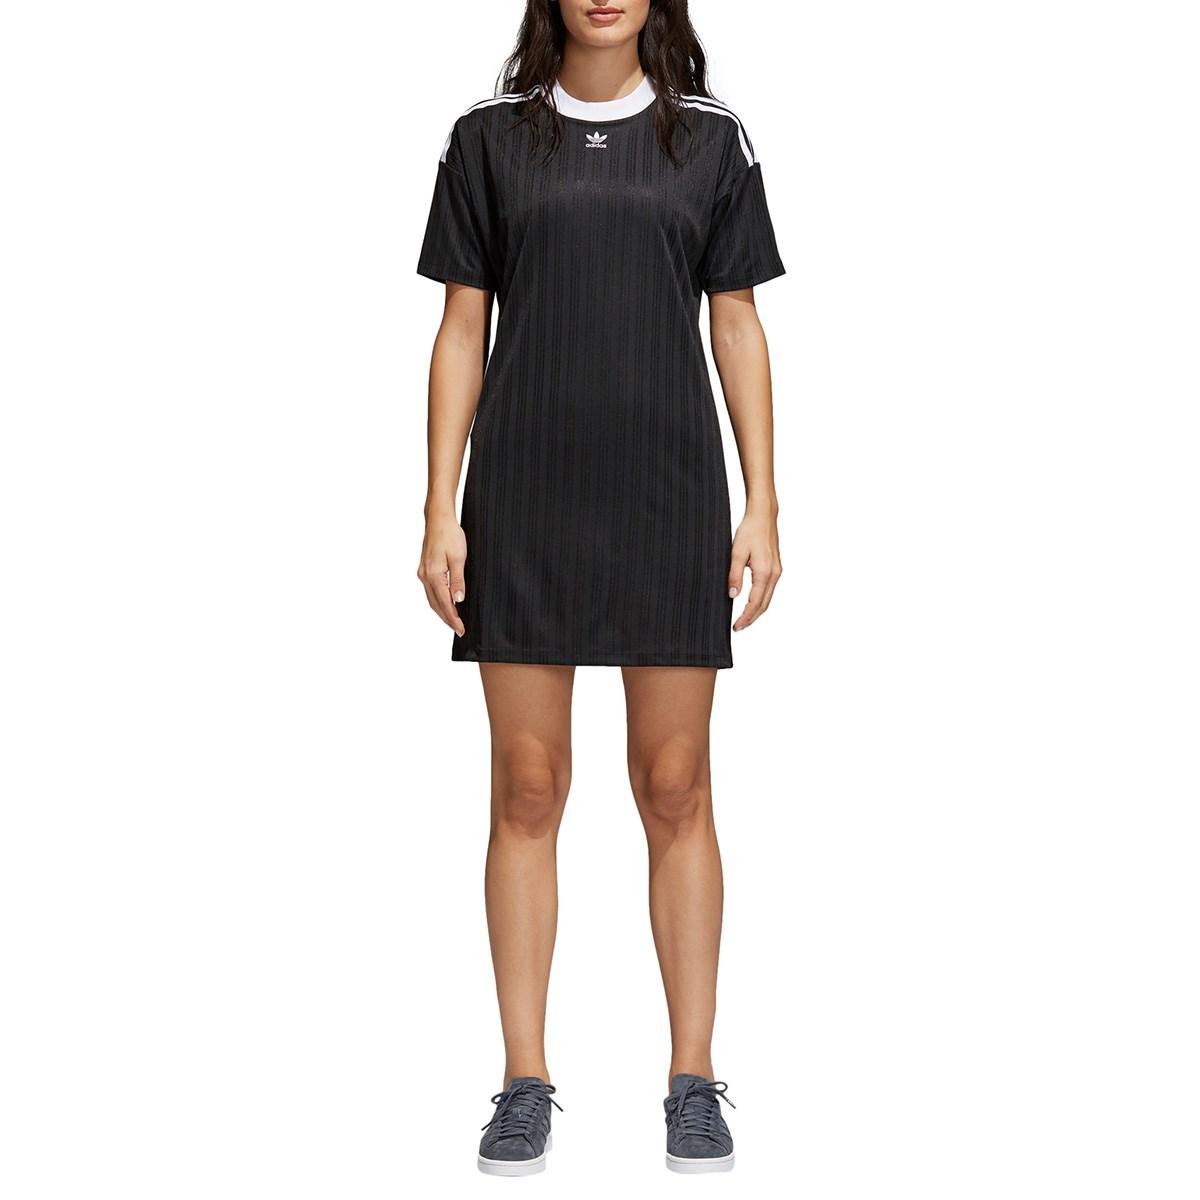 Women's Trefoil Black Dress